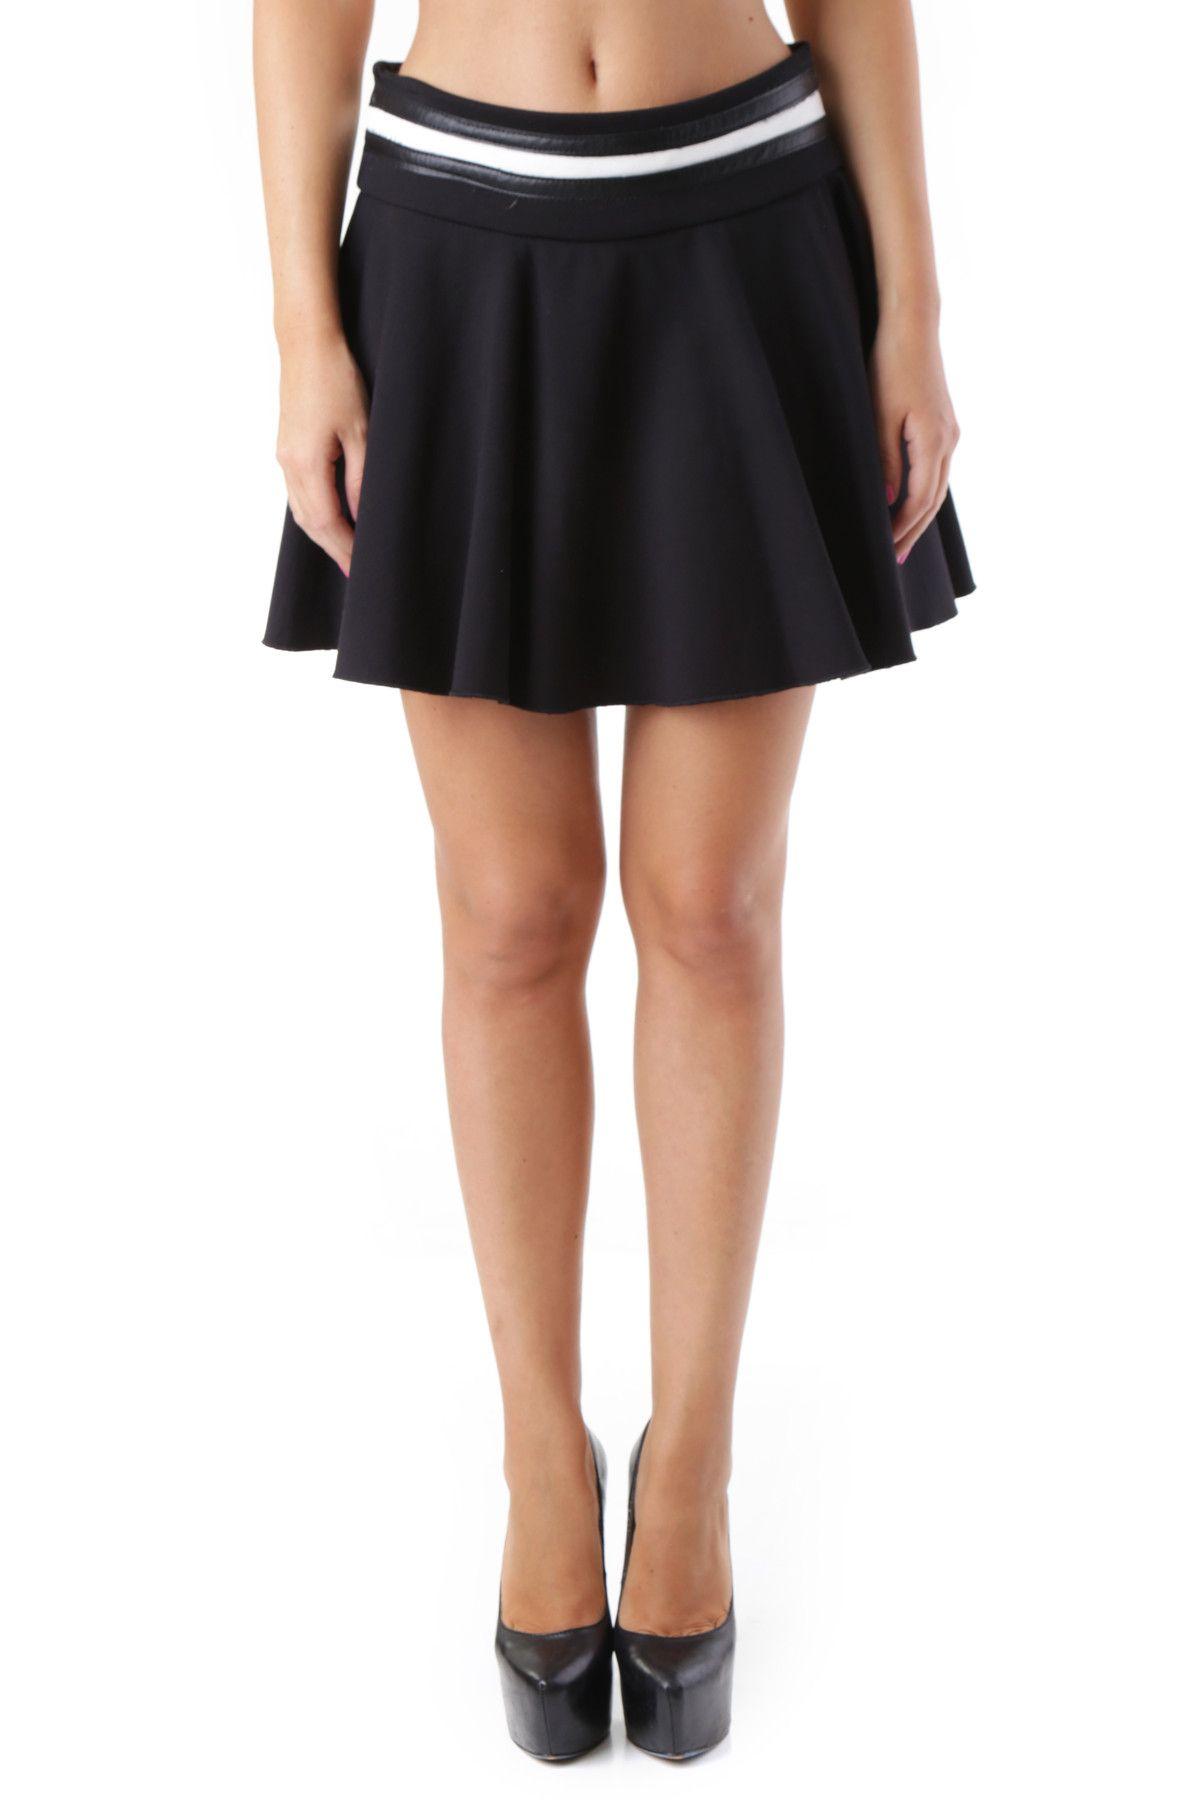 525 Women's Skirt In Black